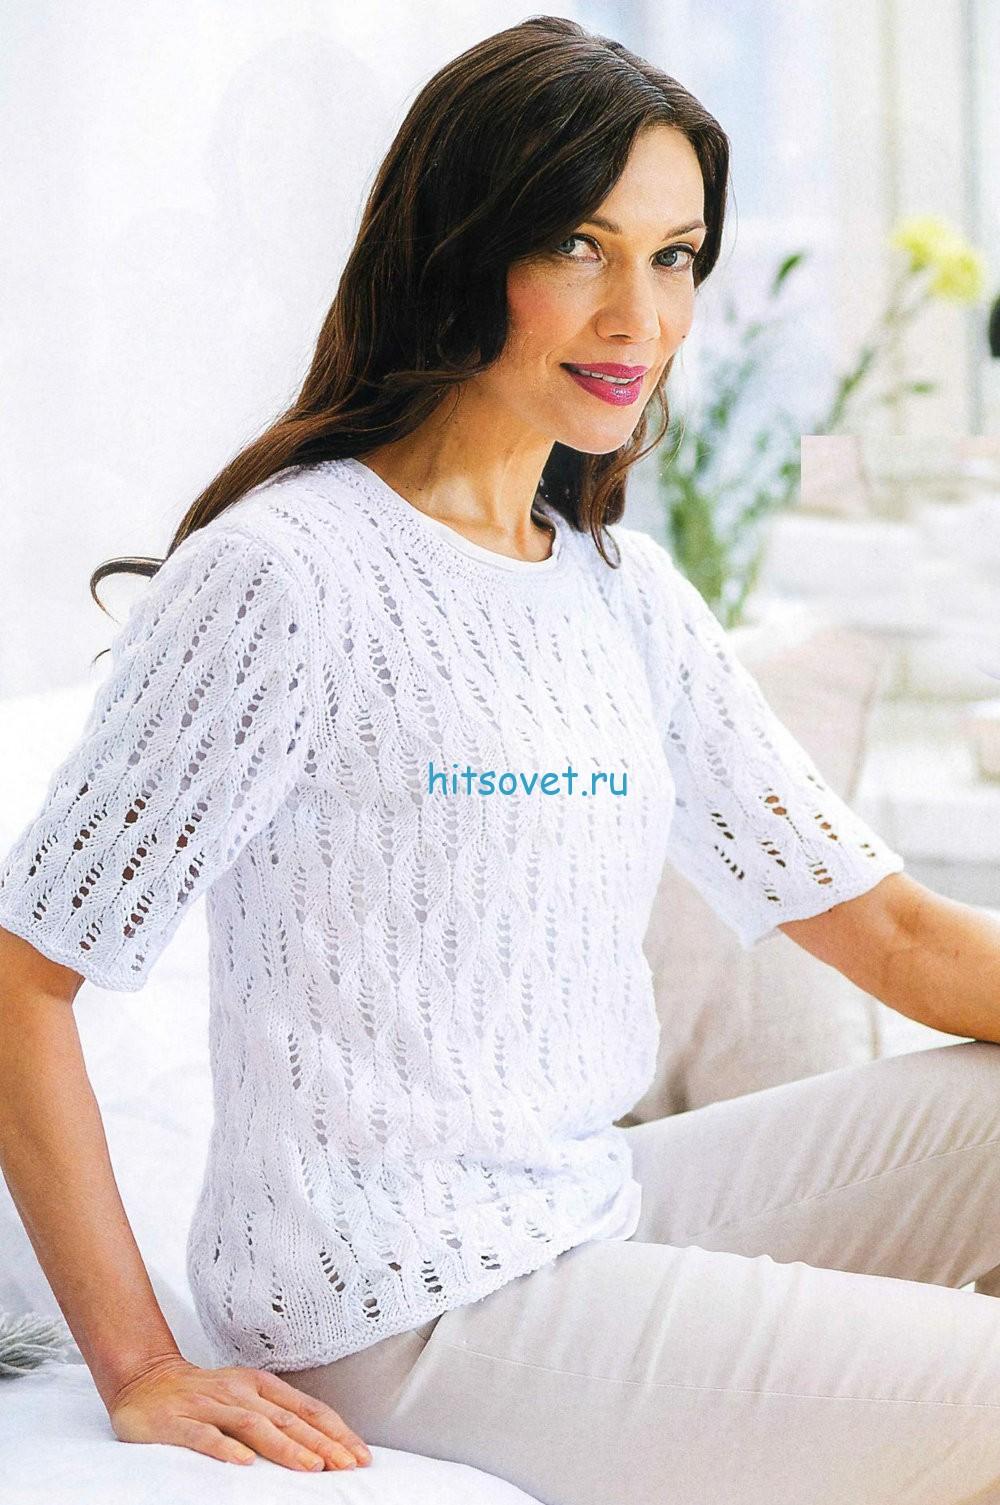 Белый пуловер женский с ажурным узором, фото.